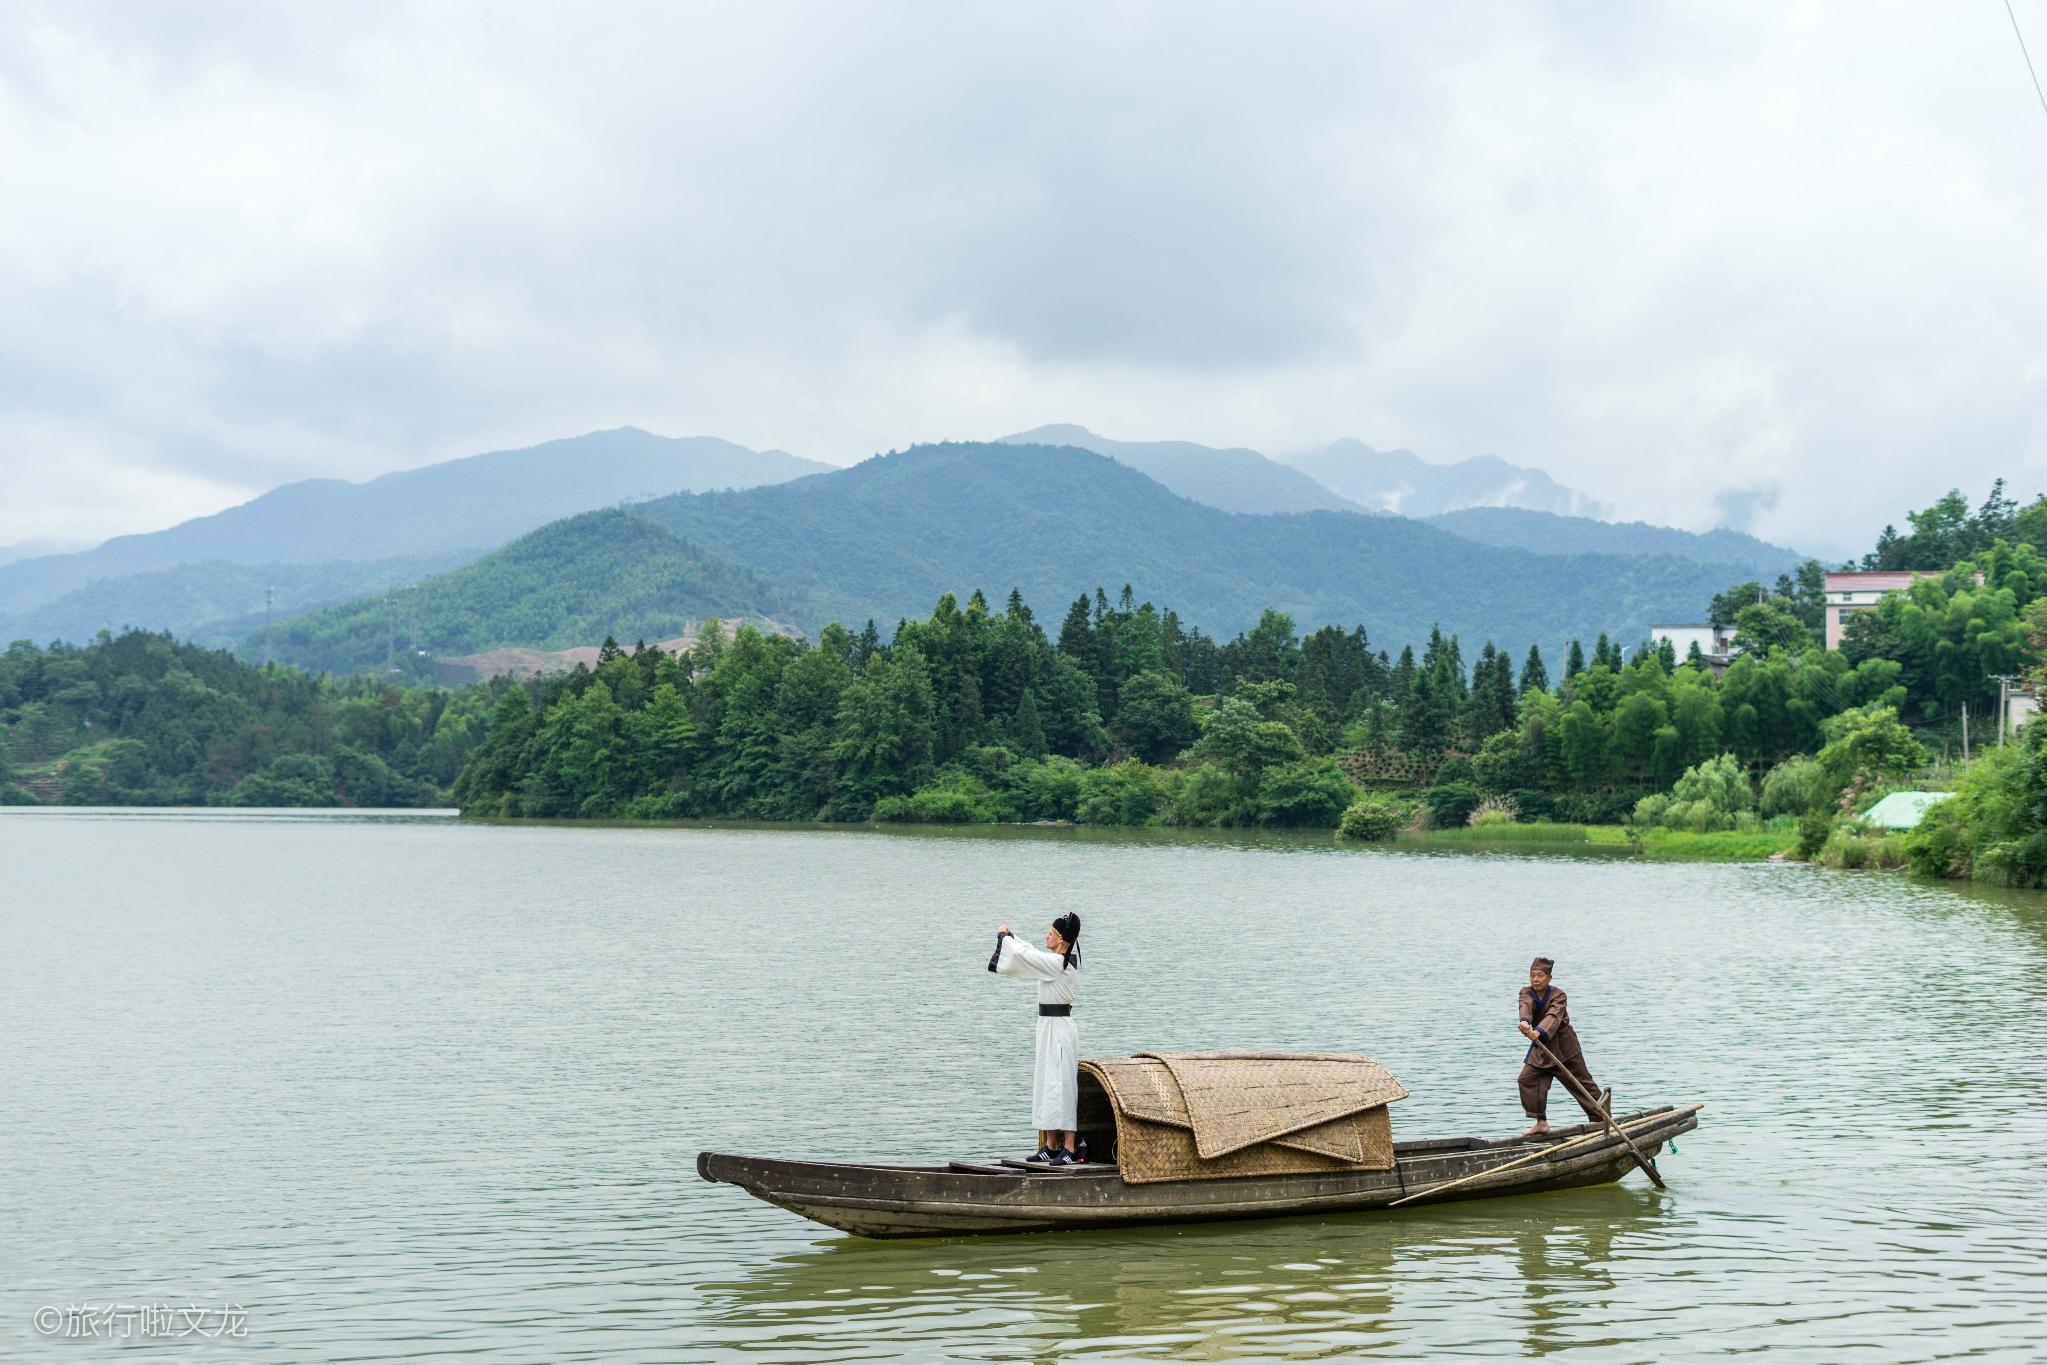 寻道李白秋浦歌,游安徽石台山川和溪河